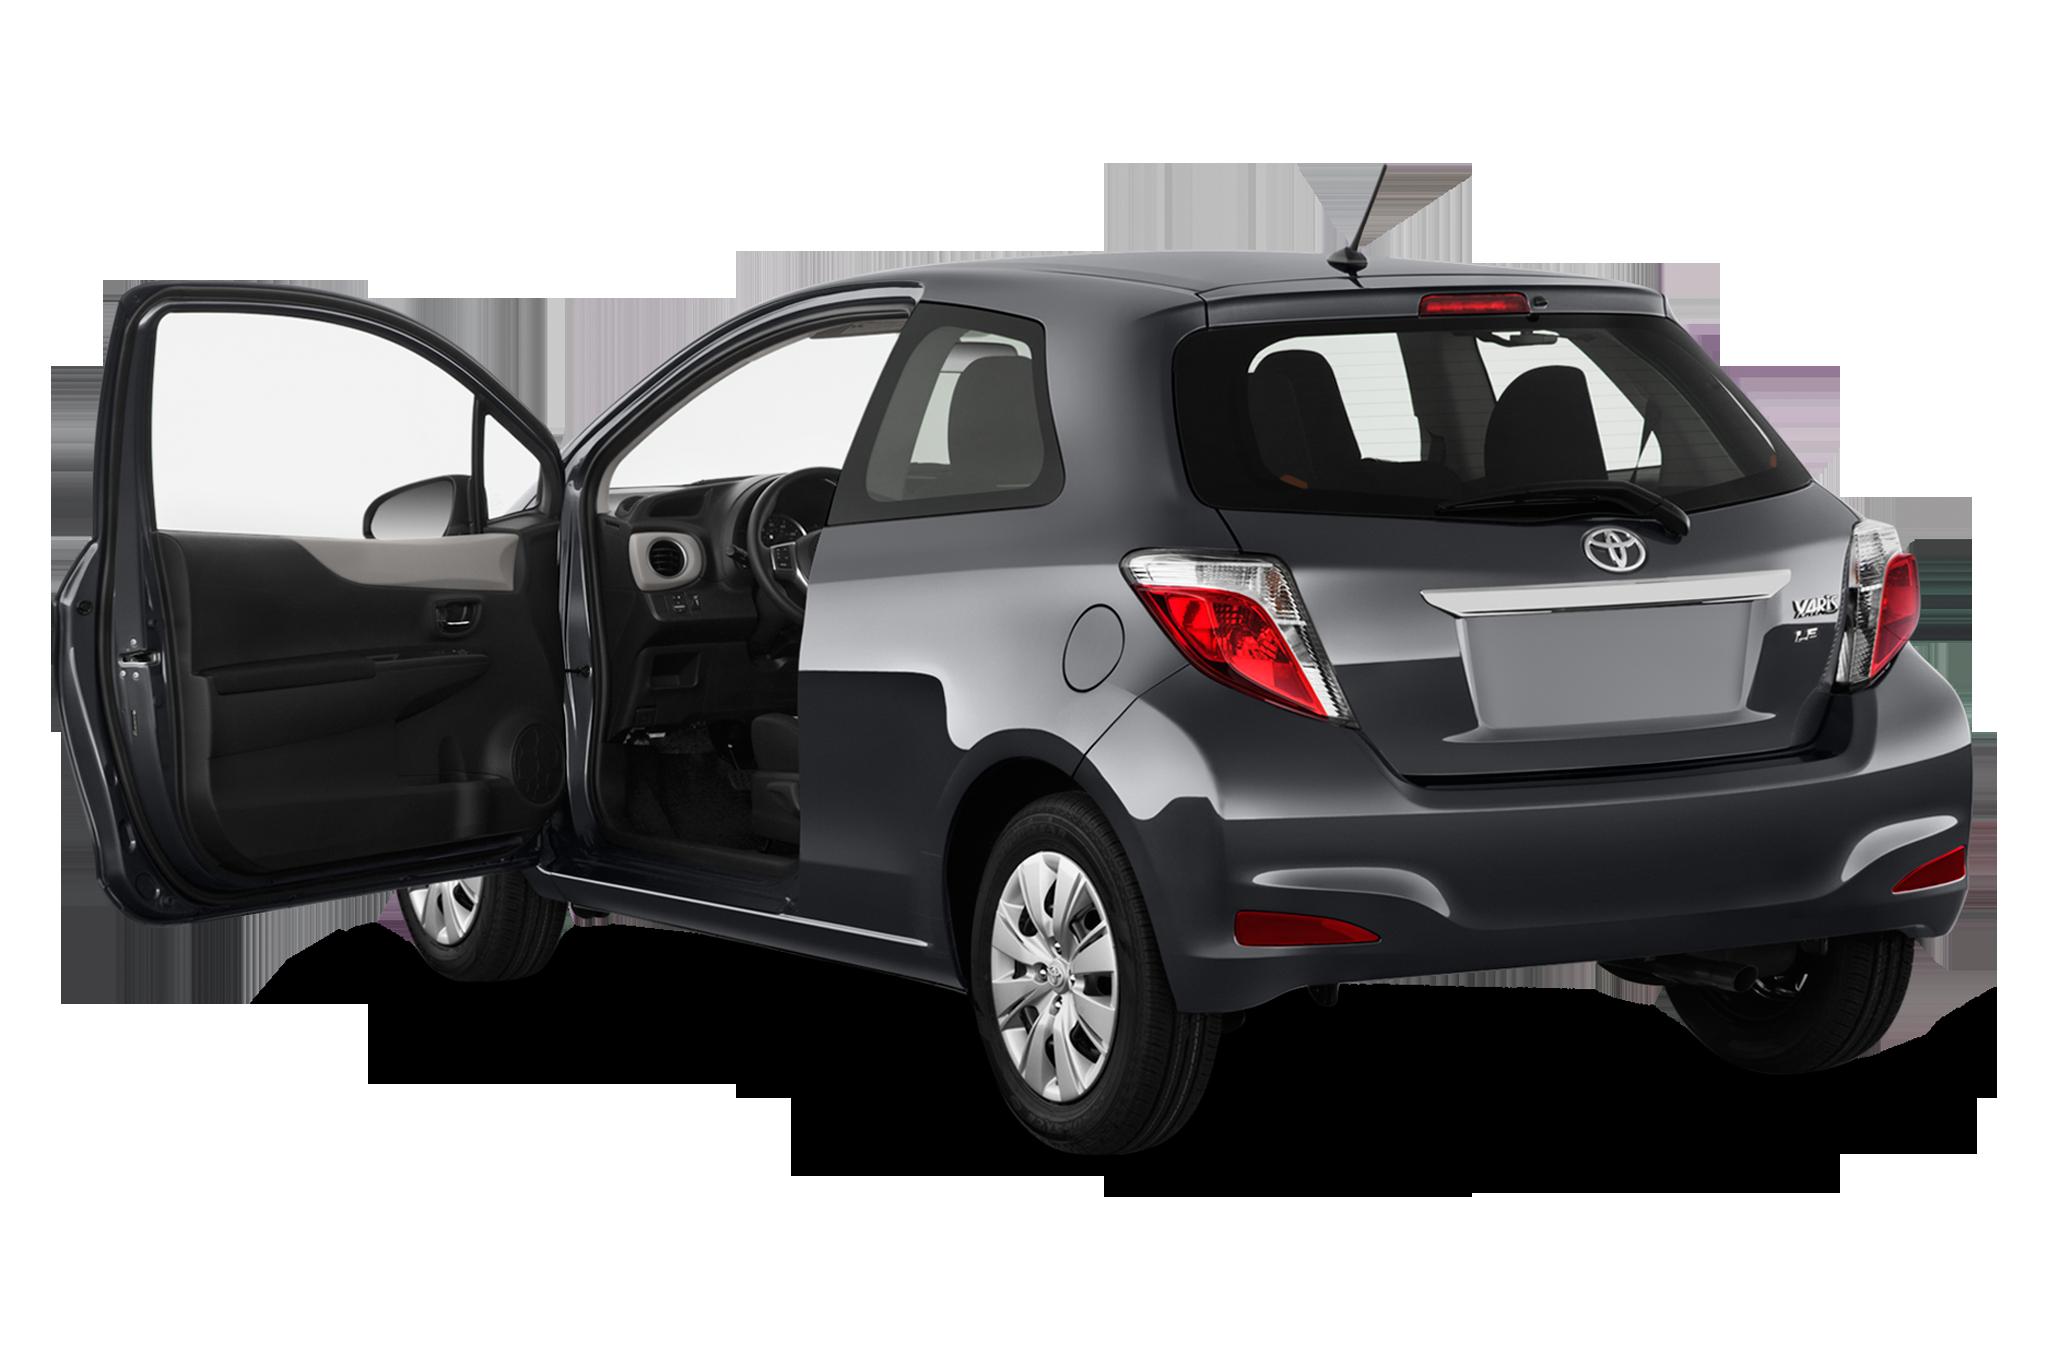 Think City 2008 - 2012 Hatchback 3 door #4